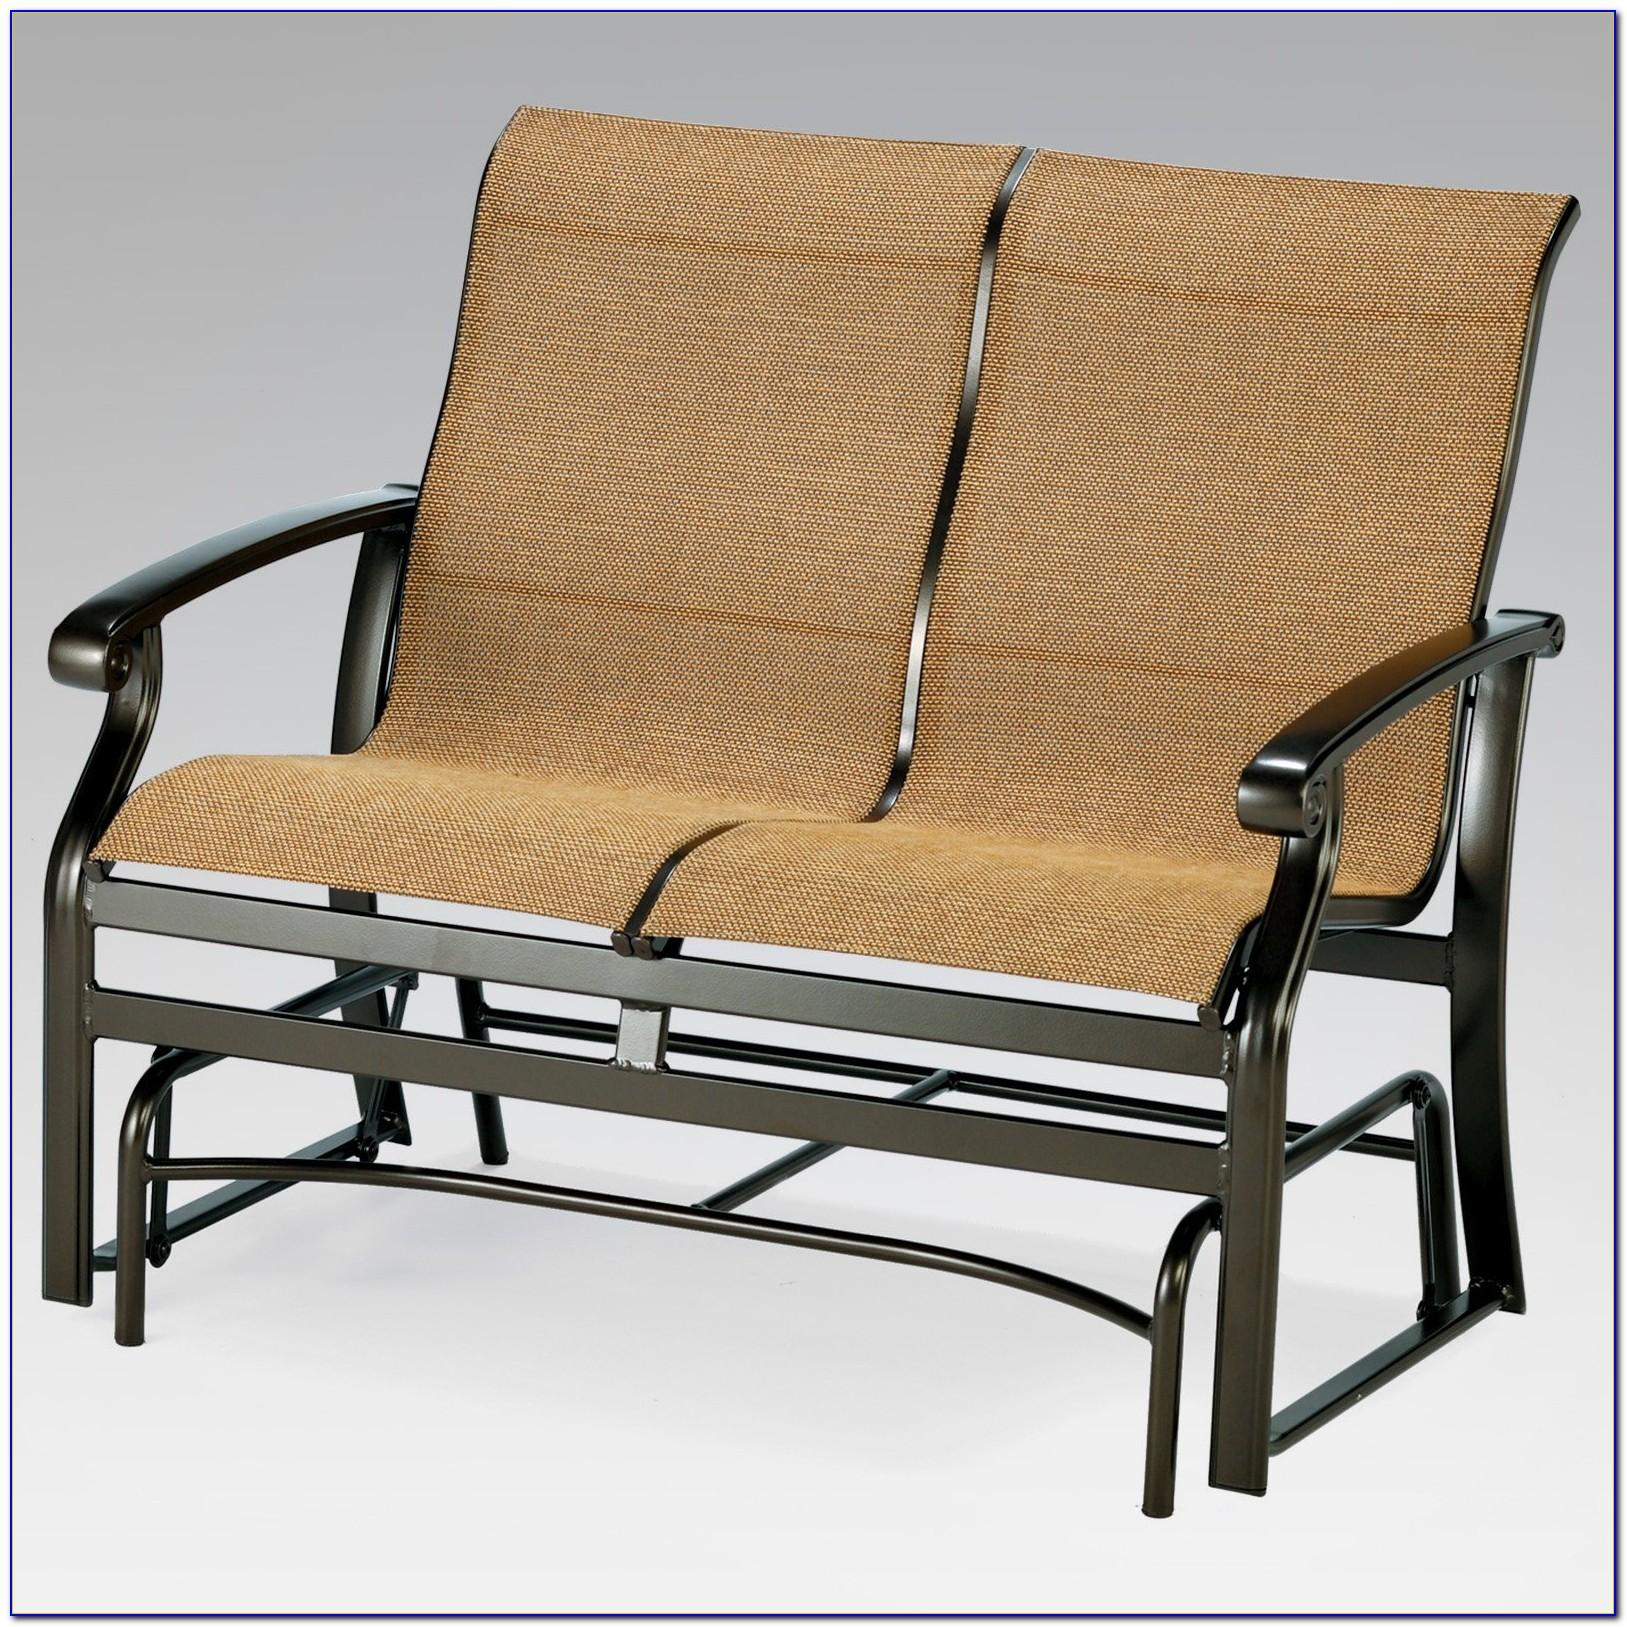 Retro Glider Patio Chairs